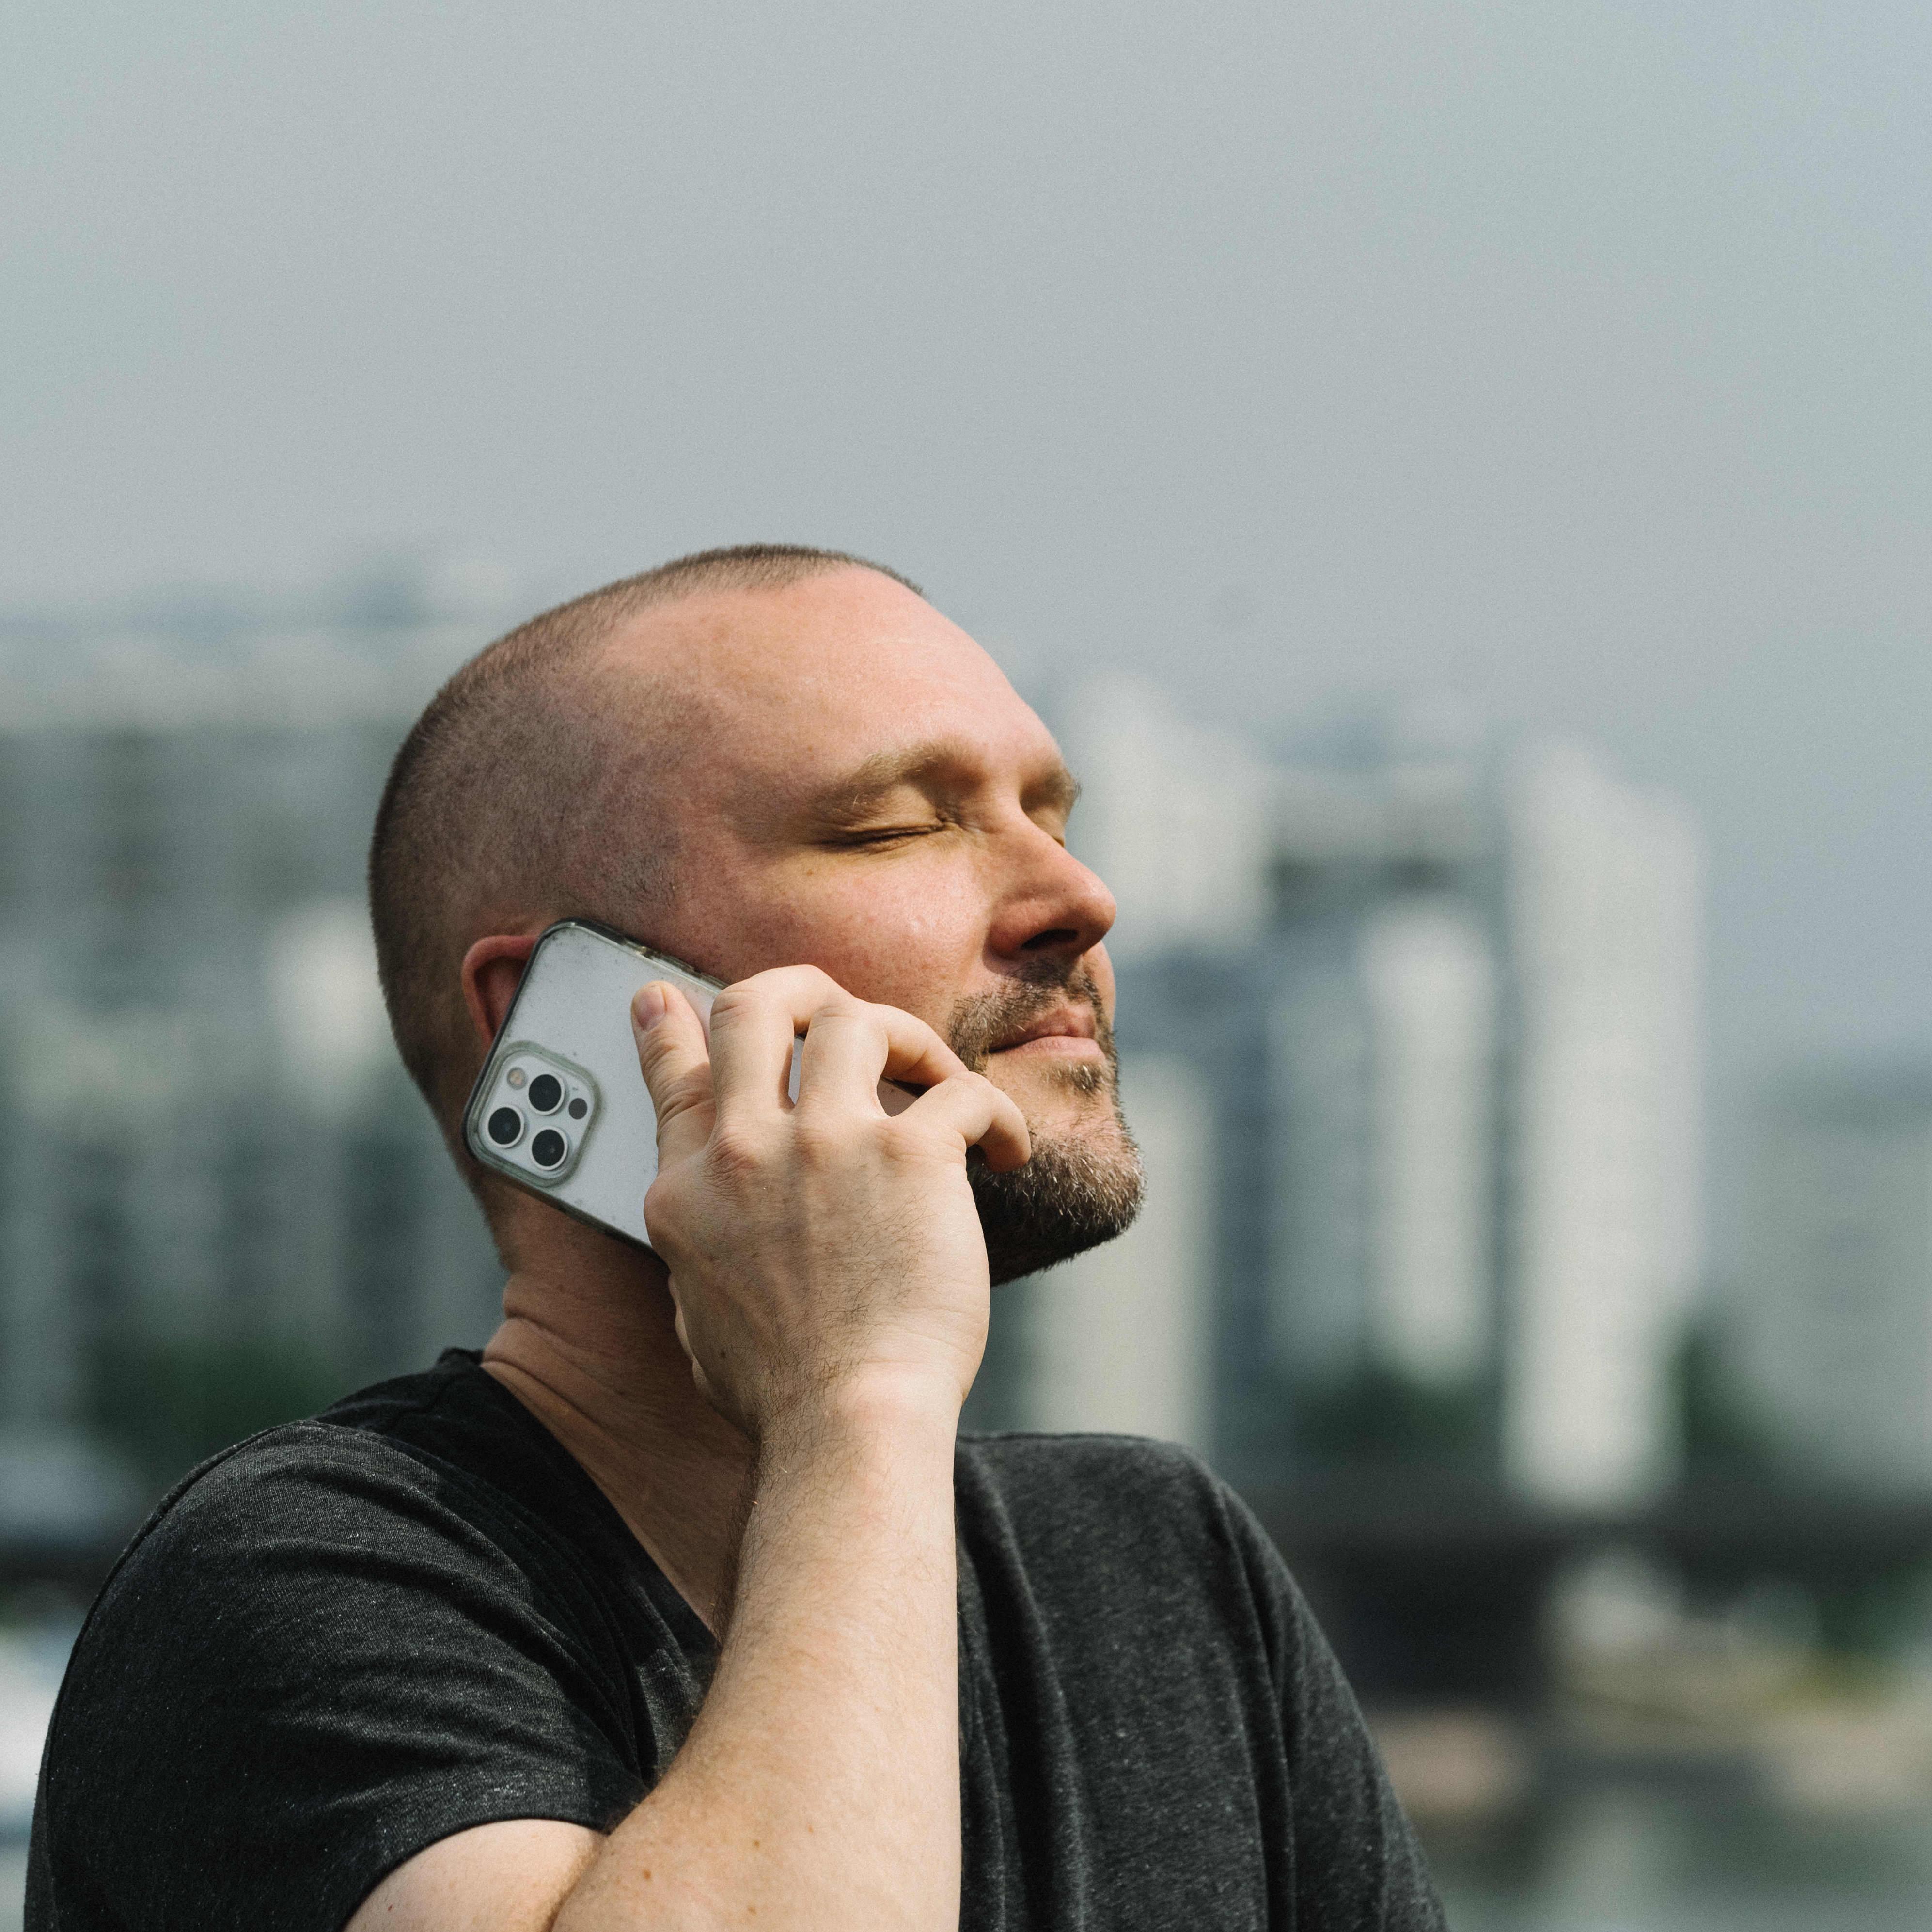 Tommi Koivisto puhuu kännykkään. Taustalla kaupinkimaisema.